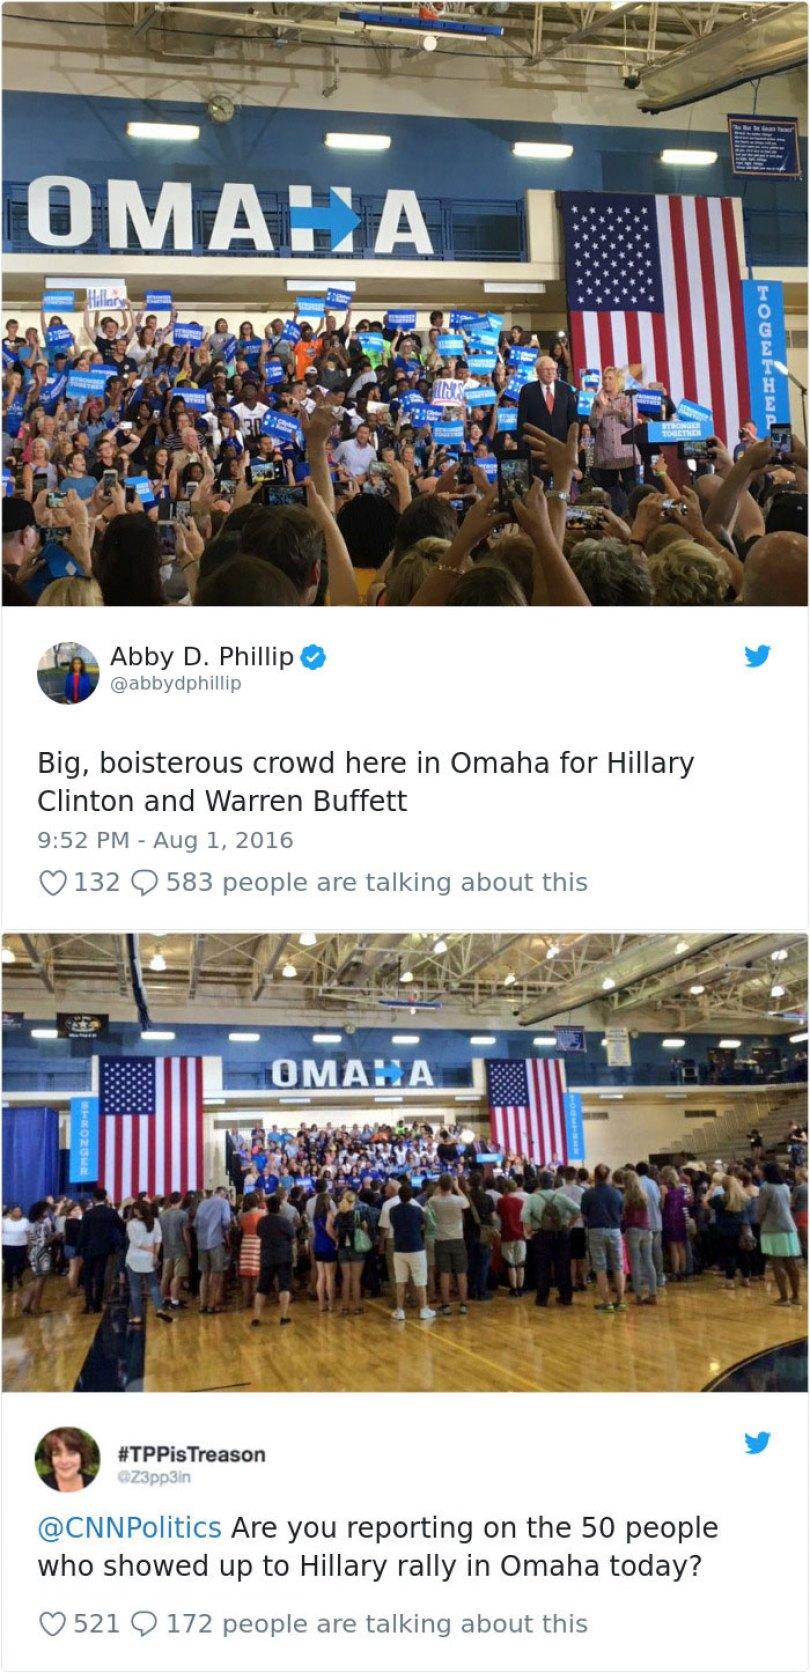 5bd7142fd0054 examples media truth manipulation 5bd2c789cd217  700 - Fotos subjetivas - Como os meios de comunicação podem manipular a verdade?